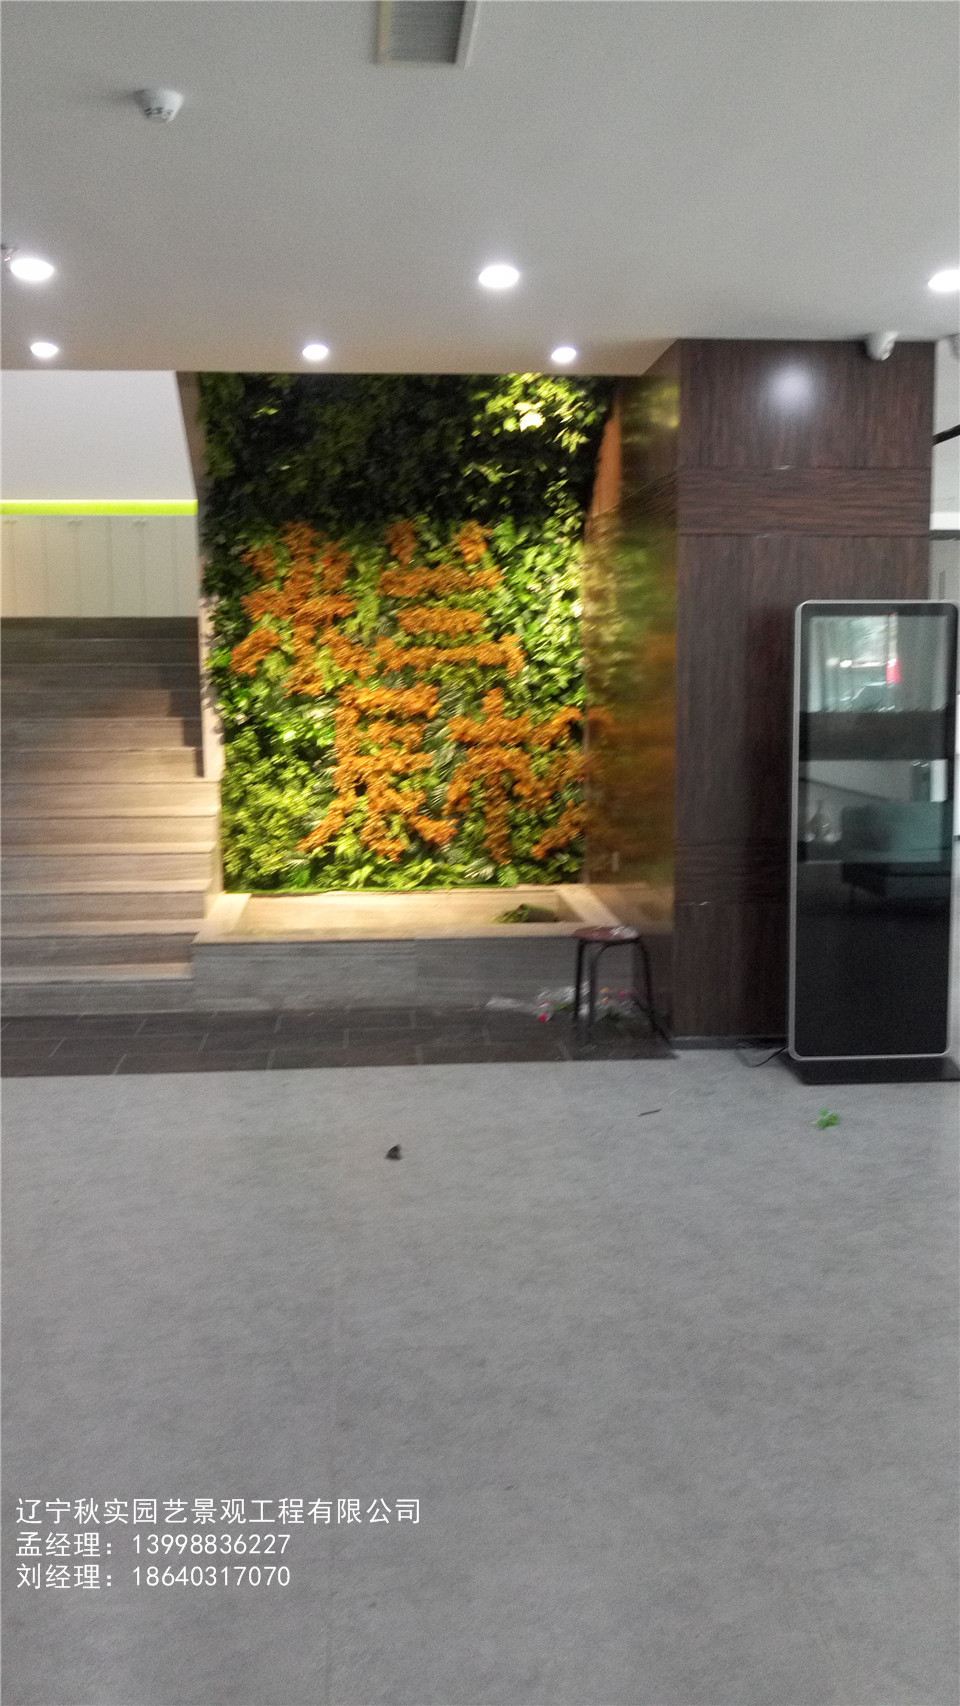 沈阳仿真植物墙